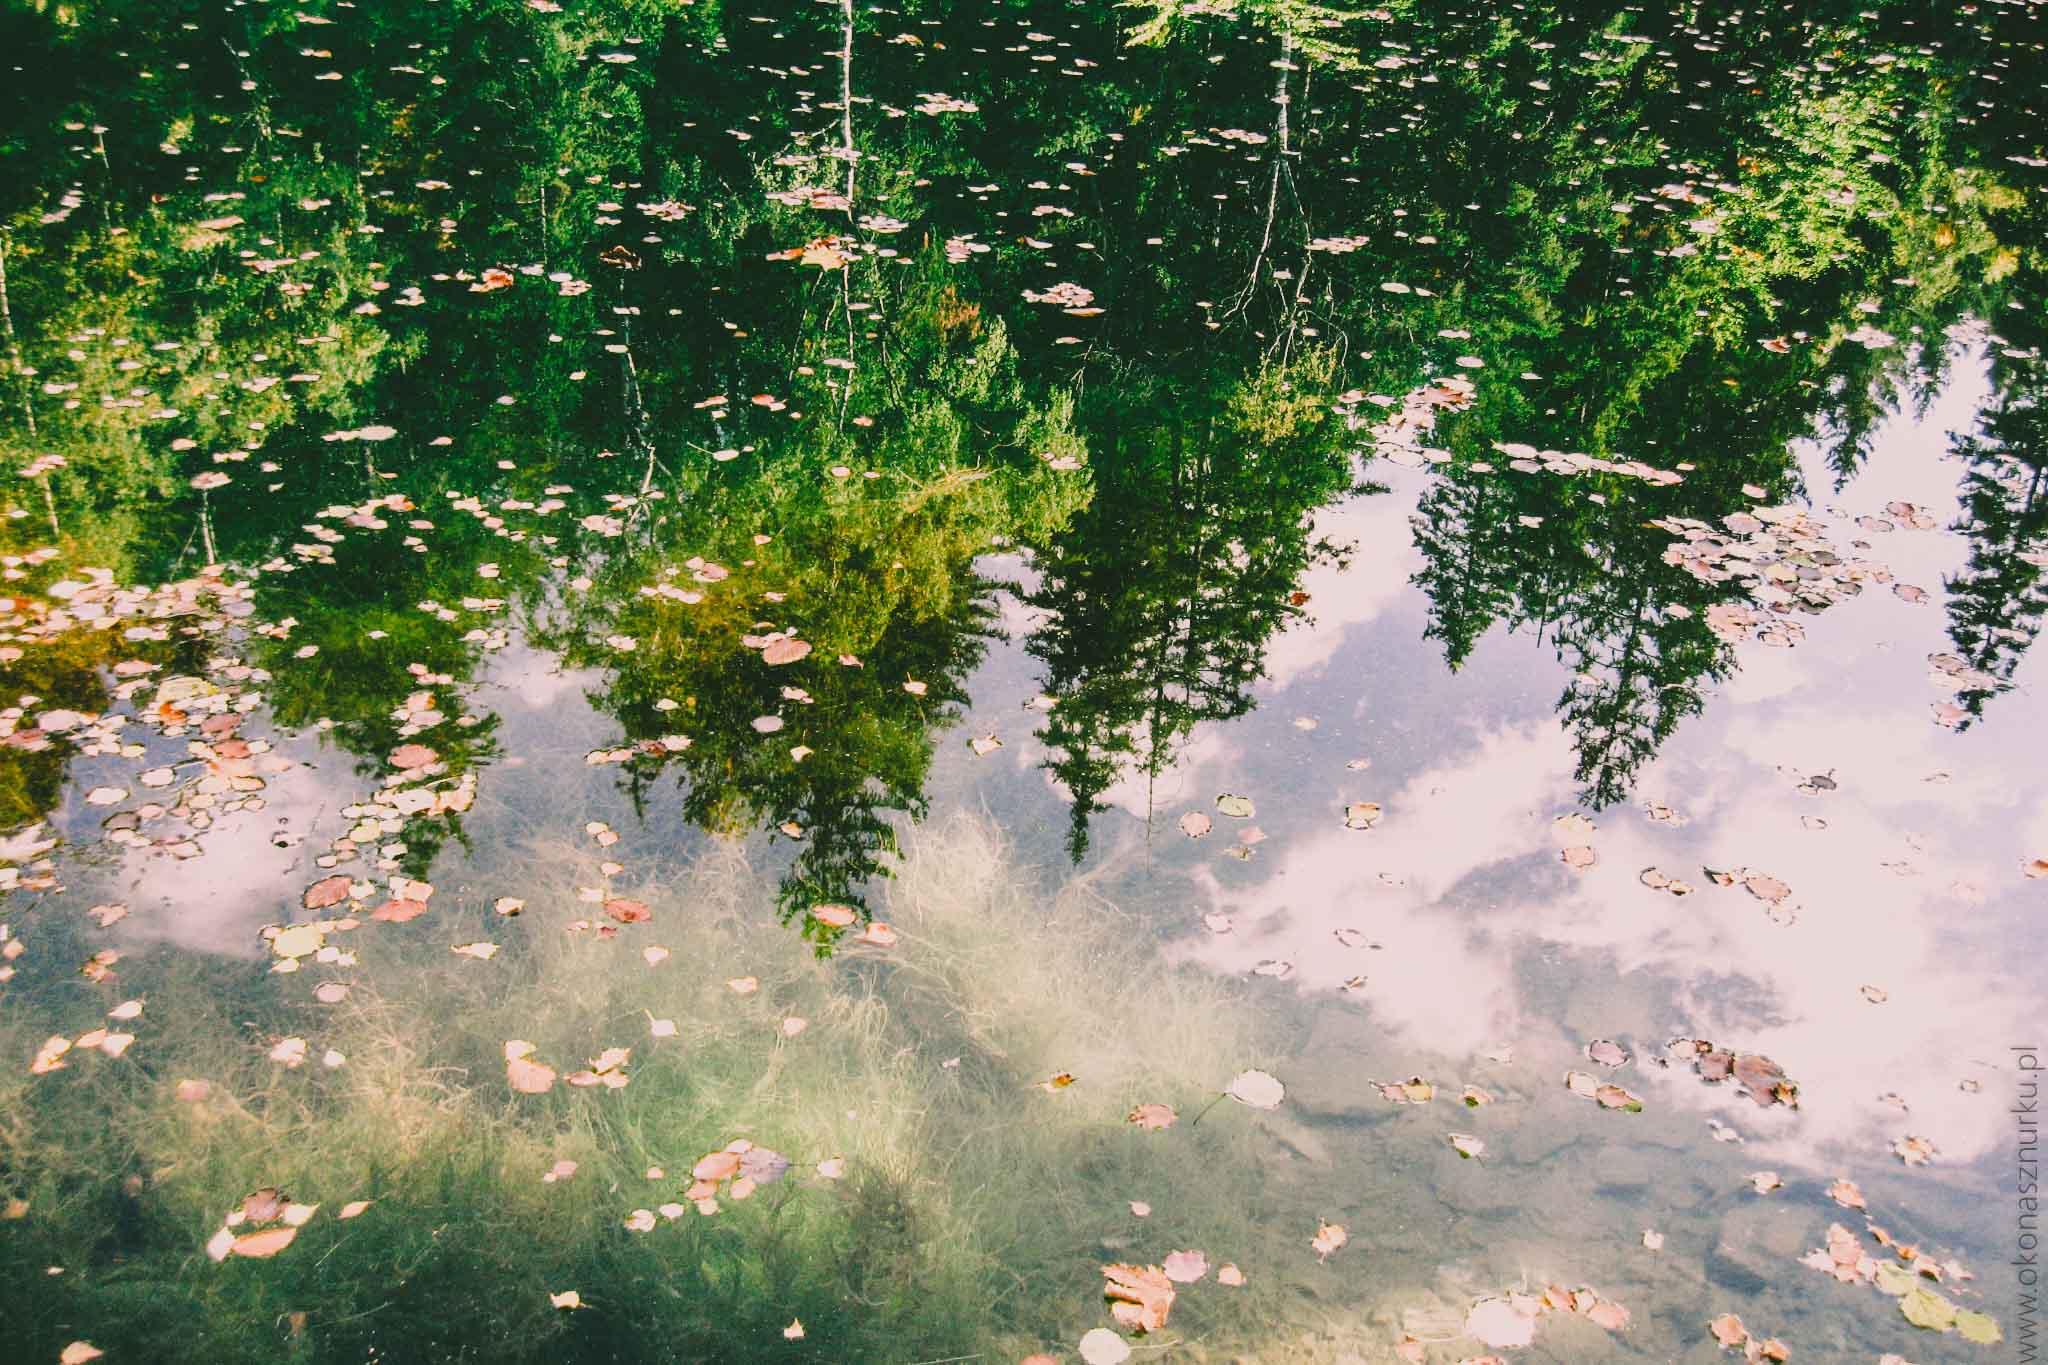 okonasznurku-kolorowe-jeziorka-rudawy-janowickie-fotografia (19)